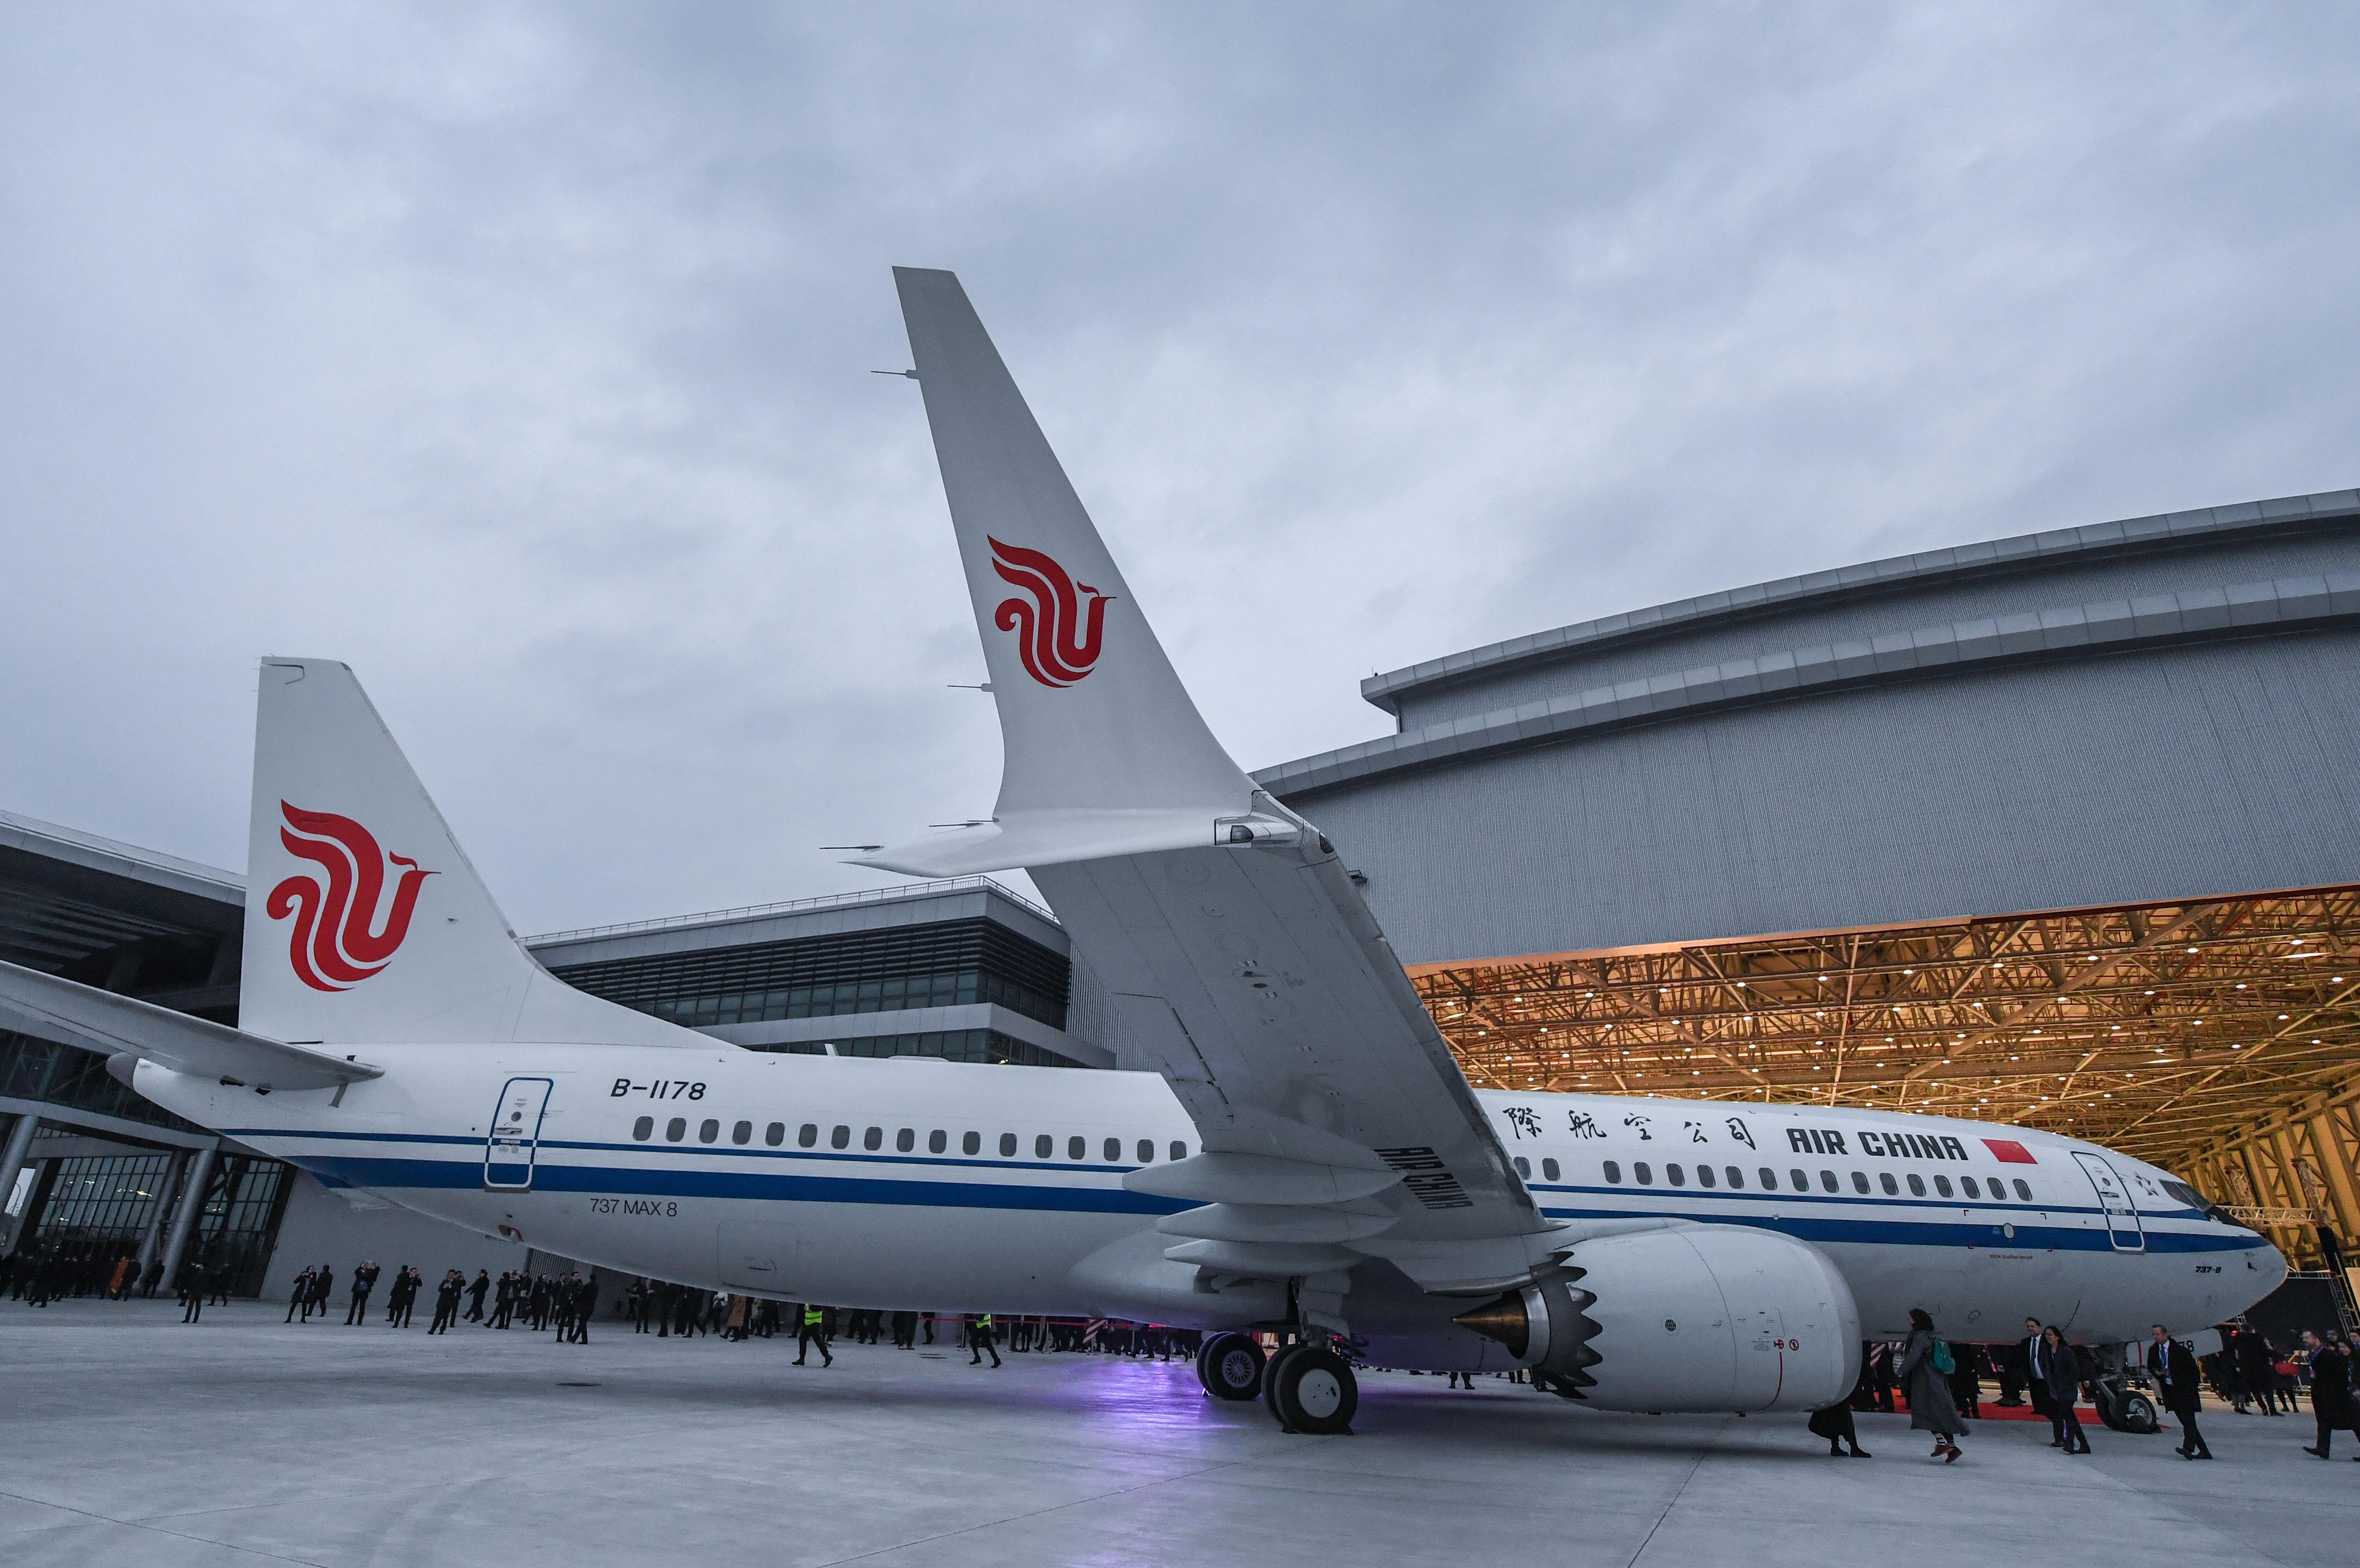 墜落同型機の運航停止は「乗客の安全守るため」 中国外交部